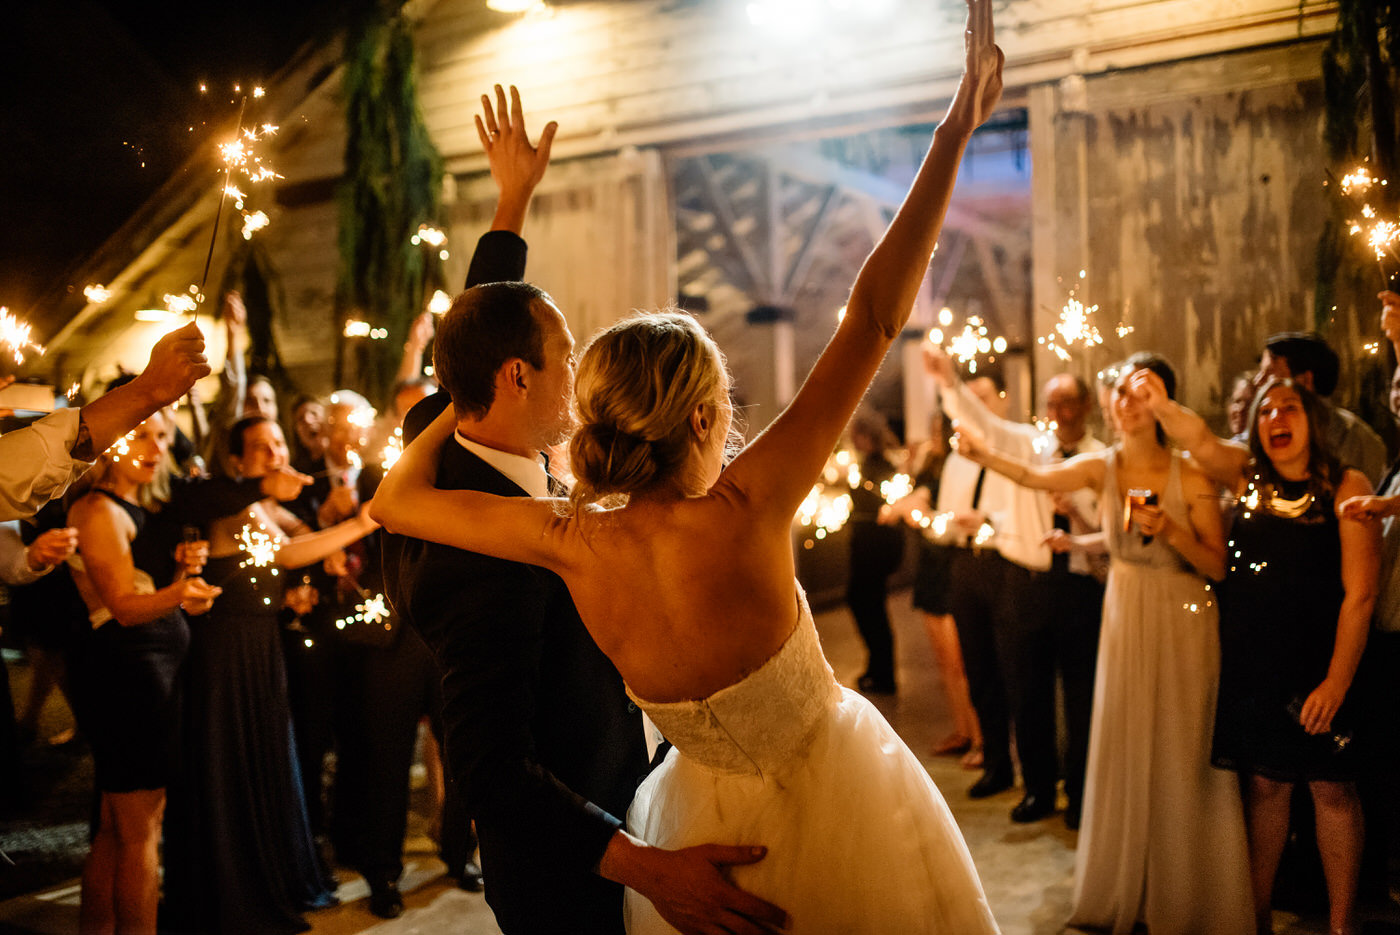 009-joyful-bride-and-groom-during-a-sparkler-exit-at-dairyland.jpg